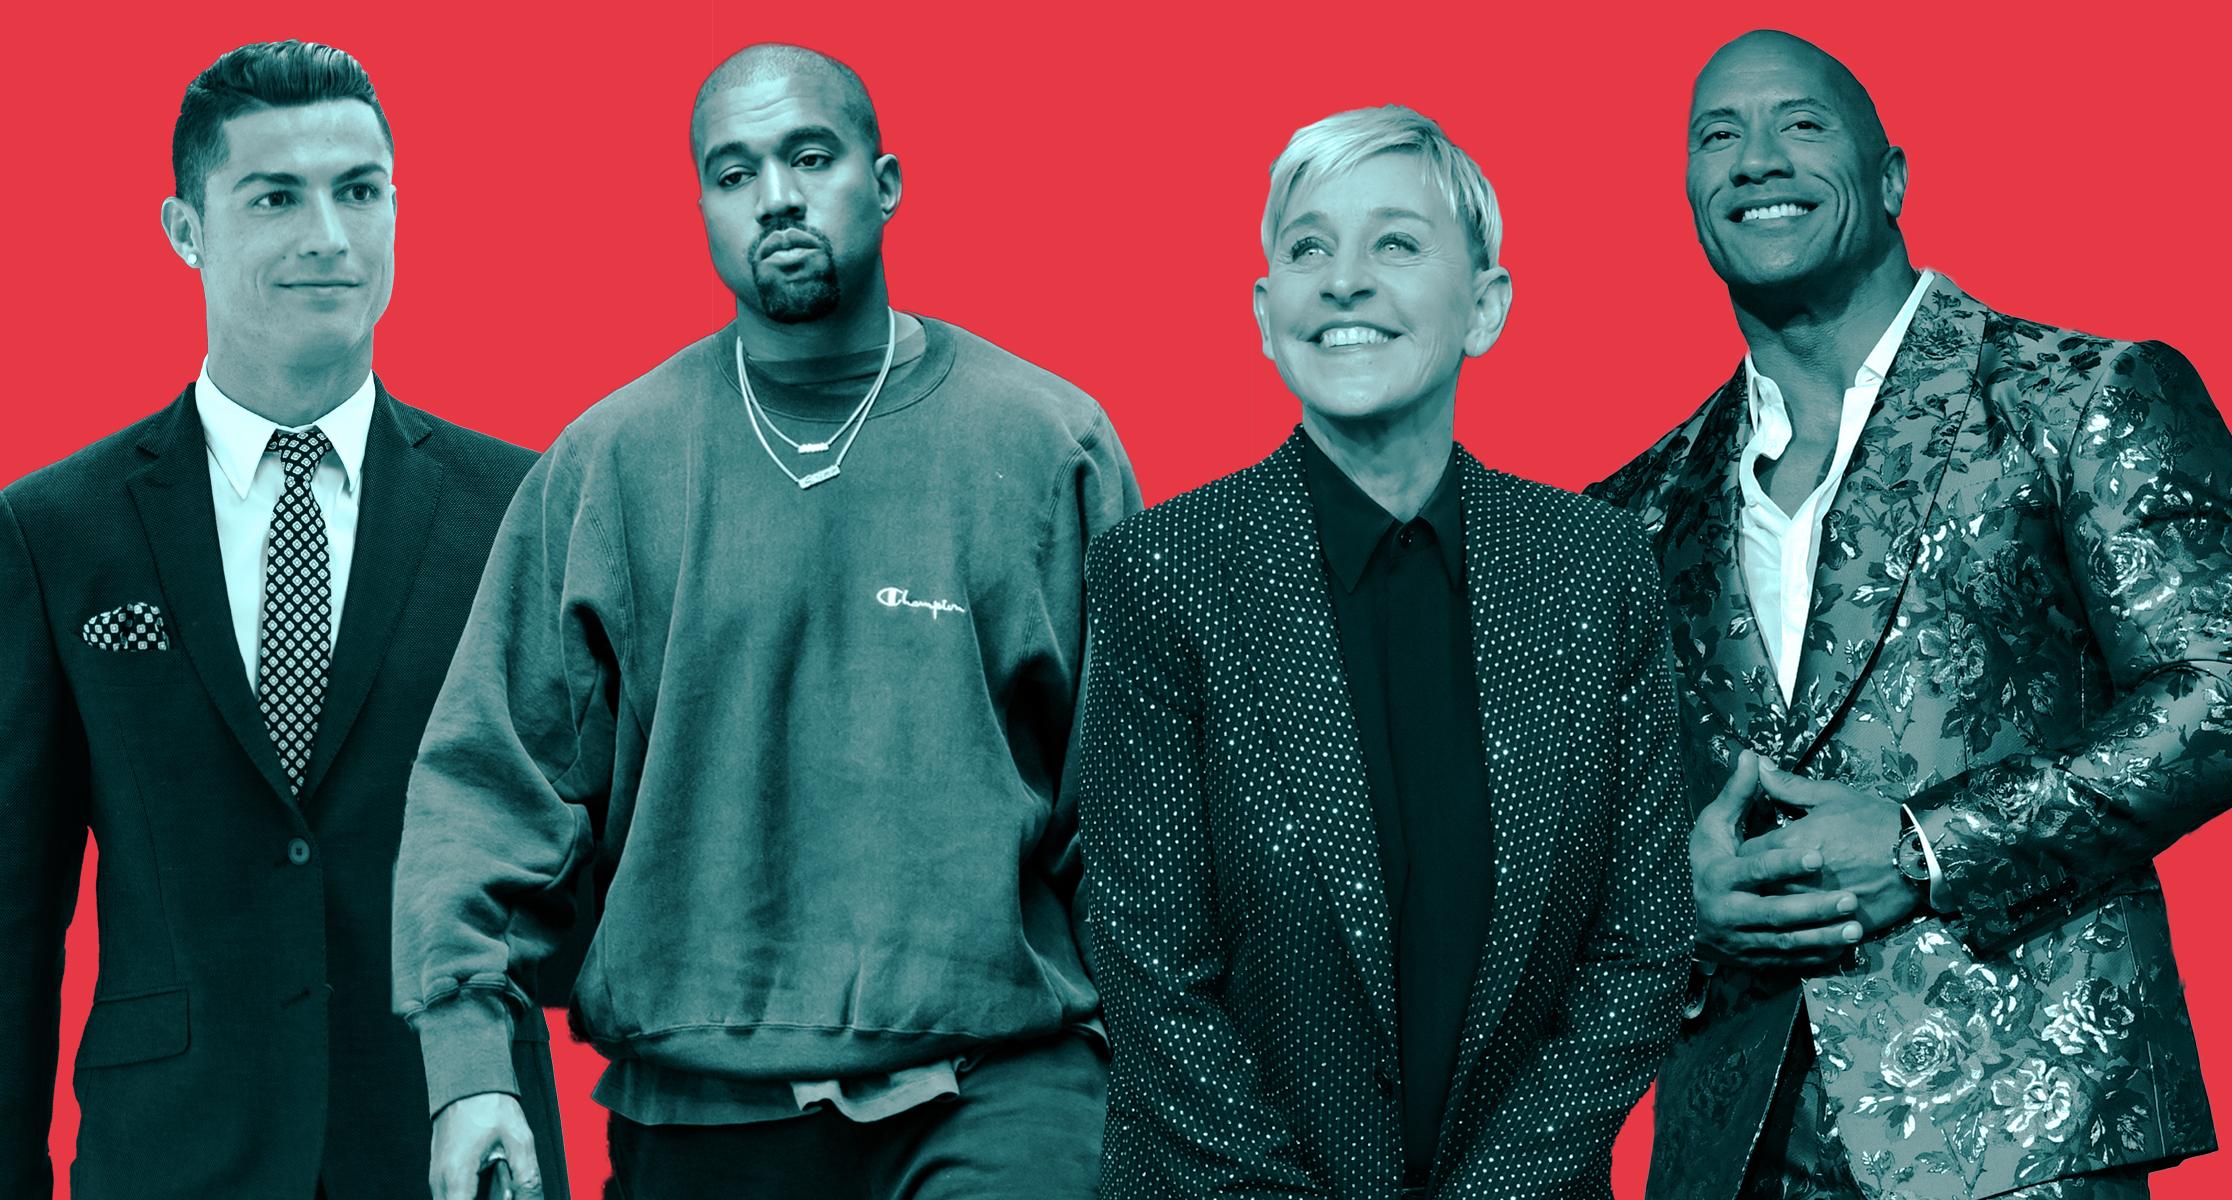 La nuova Celebrity 100 di Forbes